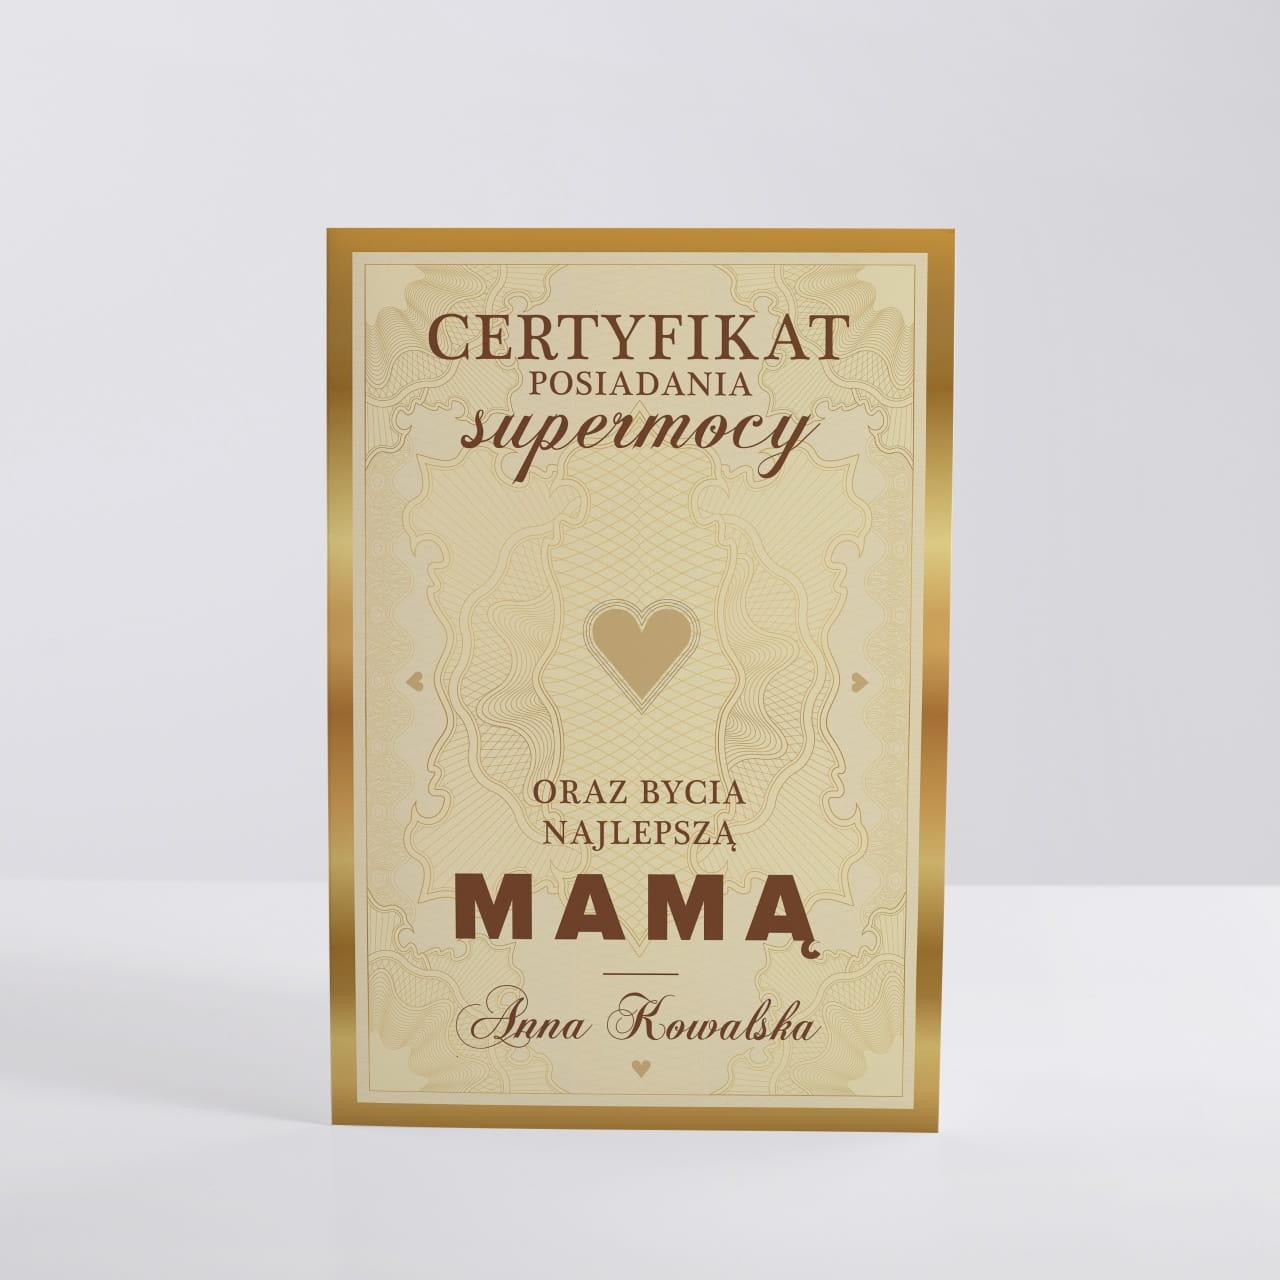 Kartka Dla Mamy Certyfikat